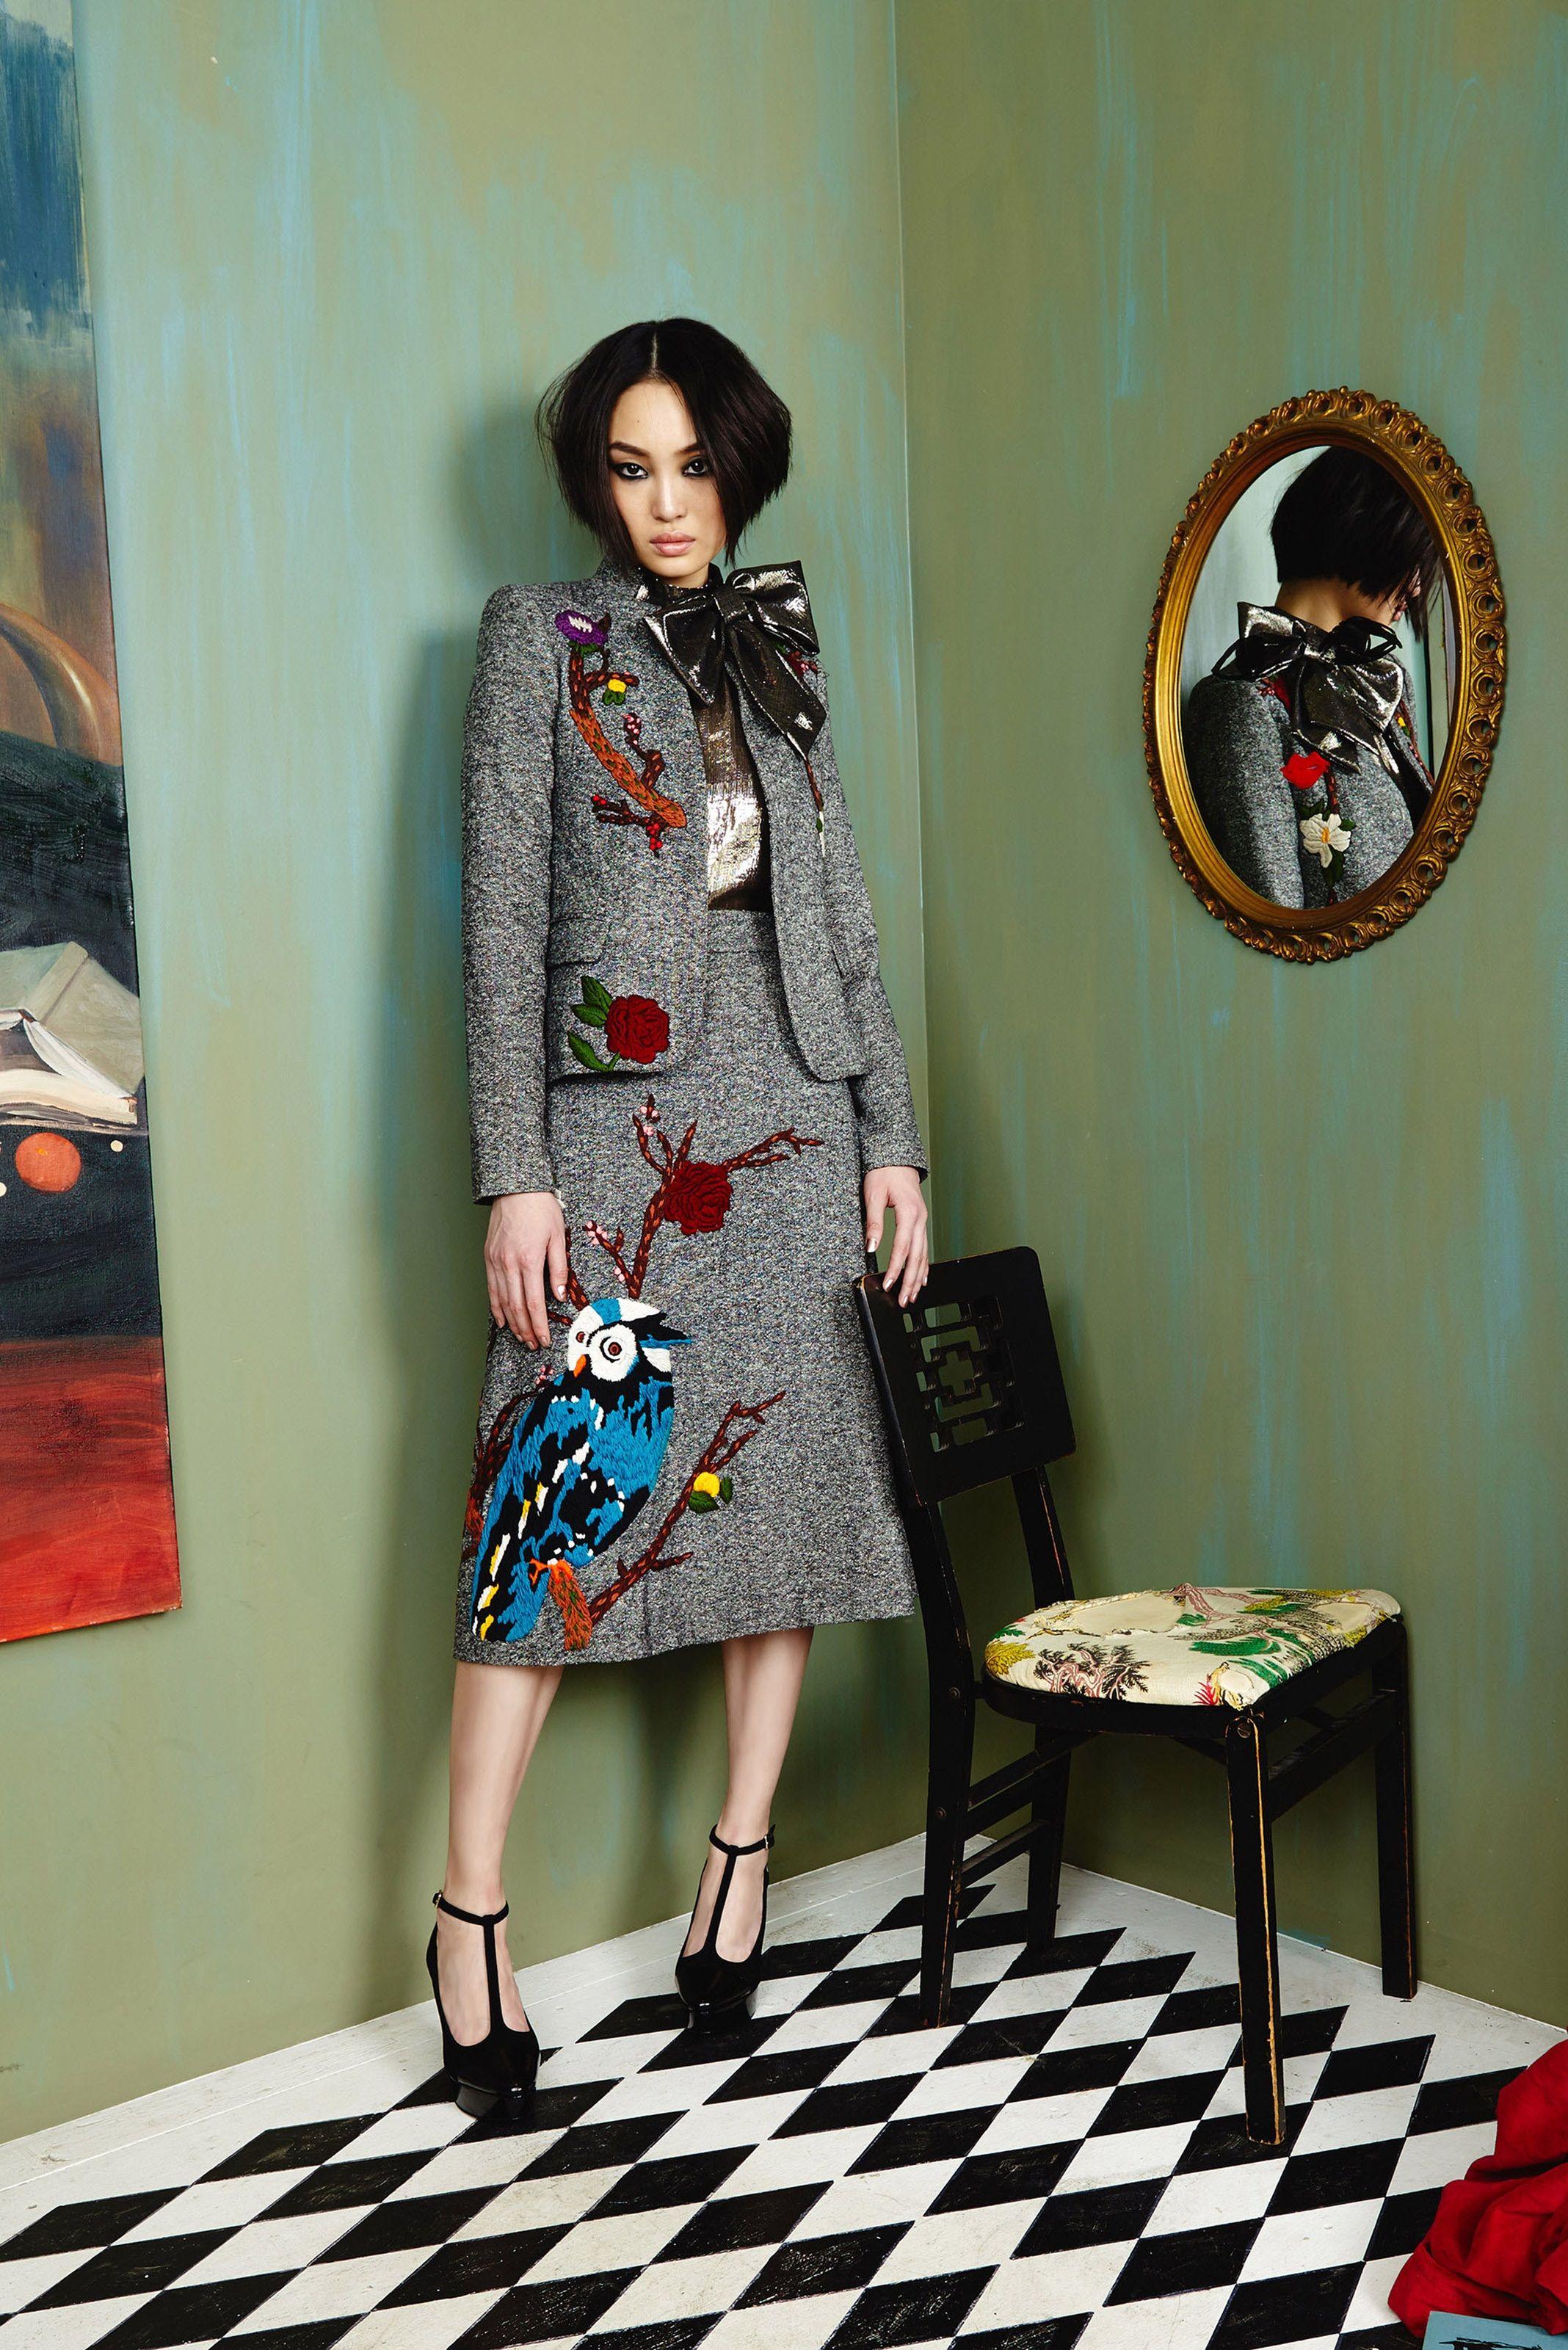 Sfilata Alice + Olivia New York - Collezioni Autunno Inverno 2016-17 - Vogue e578a58fe9a